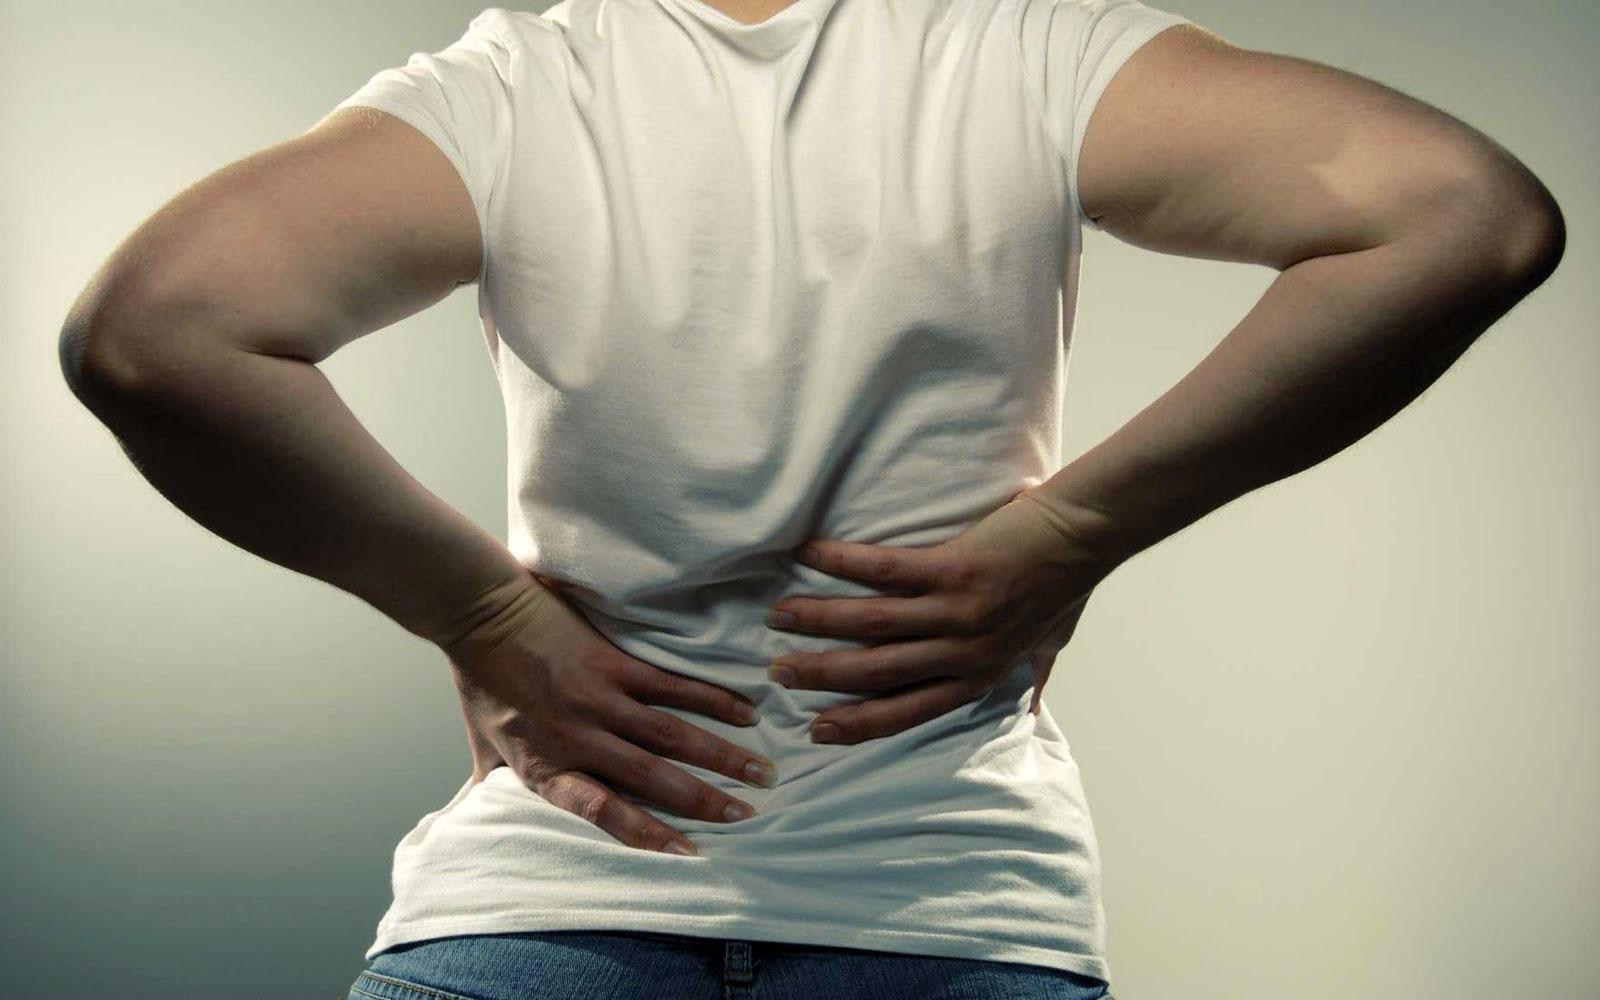 Лечение остеохондроза ультразвуком, физиотерапия остеохондроза